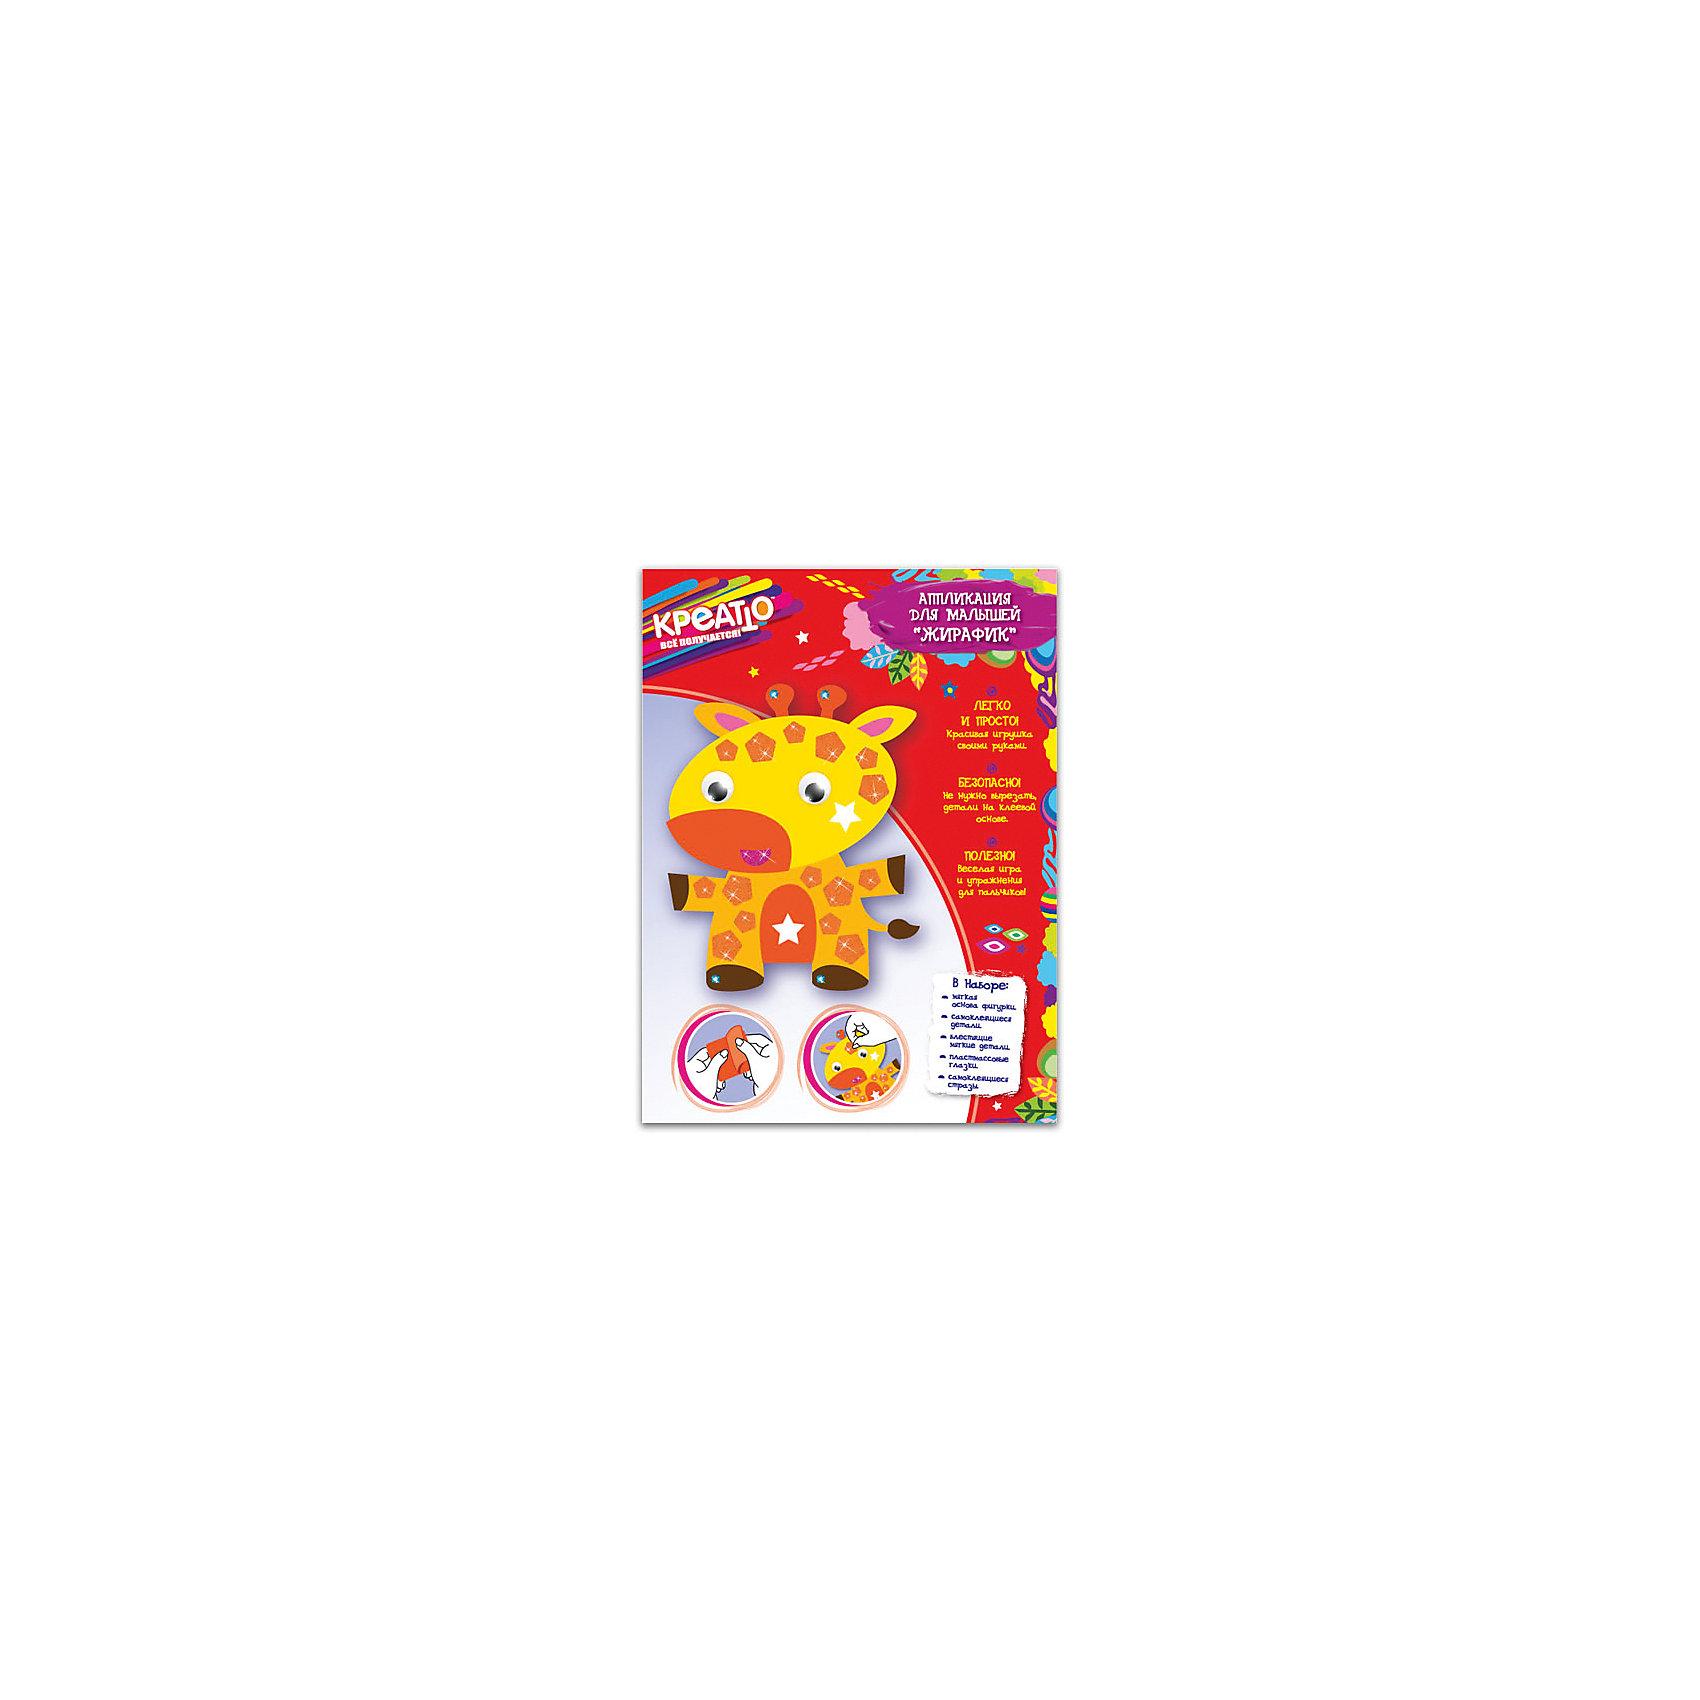 Объемная самоклеящаяся аппликация ЖирафикОбъемная самоклеящаяся аппликация Жирафик  - увлекательный набор для детского творчества, который поможет Вашему ребенку без ножниц и клея сделать фигурку забавного жирафа. Аппликация проста в исполнении и не представляет сложностей для ребенка. Малышу нужно лишь снять защитный слой с самоклеящихся деталей и наклеить их на цветную основу. Прикрепите готовой фигурке глазки и украсьте стразами - и симпатичный жирафик готов. Мягкие детали аппликации выполнены из материала ЭВА, легко приклеиваются и прочно держатся. Работа с аппликацией развивает у ребенка цветовое восприятие, образно-логическое мышление, пространственное воображение и мелкую моторику.<br><br>Дополнительная информация:<br><br>- В комплекте: мягкая основа фигурки, самоклеящиеся детали, блестящие мягкие детали.<br>- Размер фигурки: 17 х 15 см.<br>- Размер упаковки: 18 х 24,5 см.<br>- Вес: 39 гр.<br><br>Объемную самоклеящуюся аппликацию Жирафик можно купить в нашем интернет-магазине.<br><br>Ширина мм: 245<br>Глубина мм: 180<br>Высота мм: 7<br>Вес г: 39<br>Возраст от месяцев: 36<br>Возраст до месяцев: 72<br>Пол: Унисекс<br>Возраст: Детский<br>SKU: 4244182